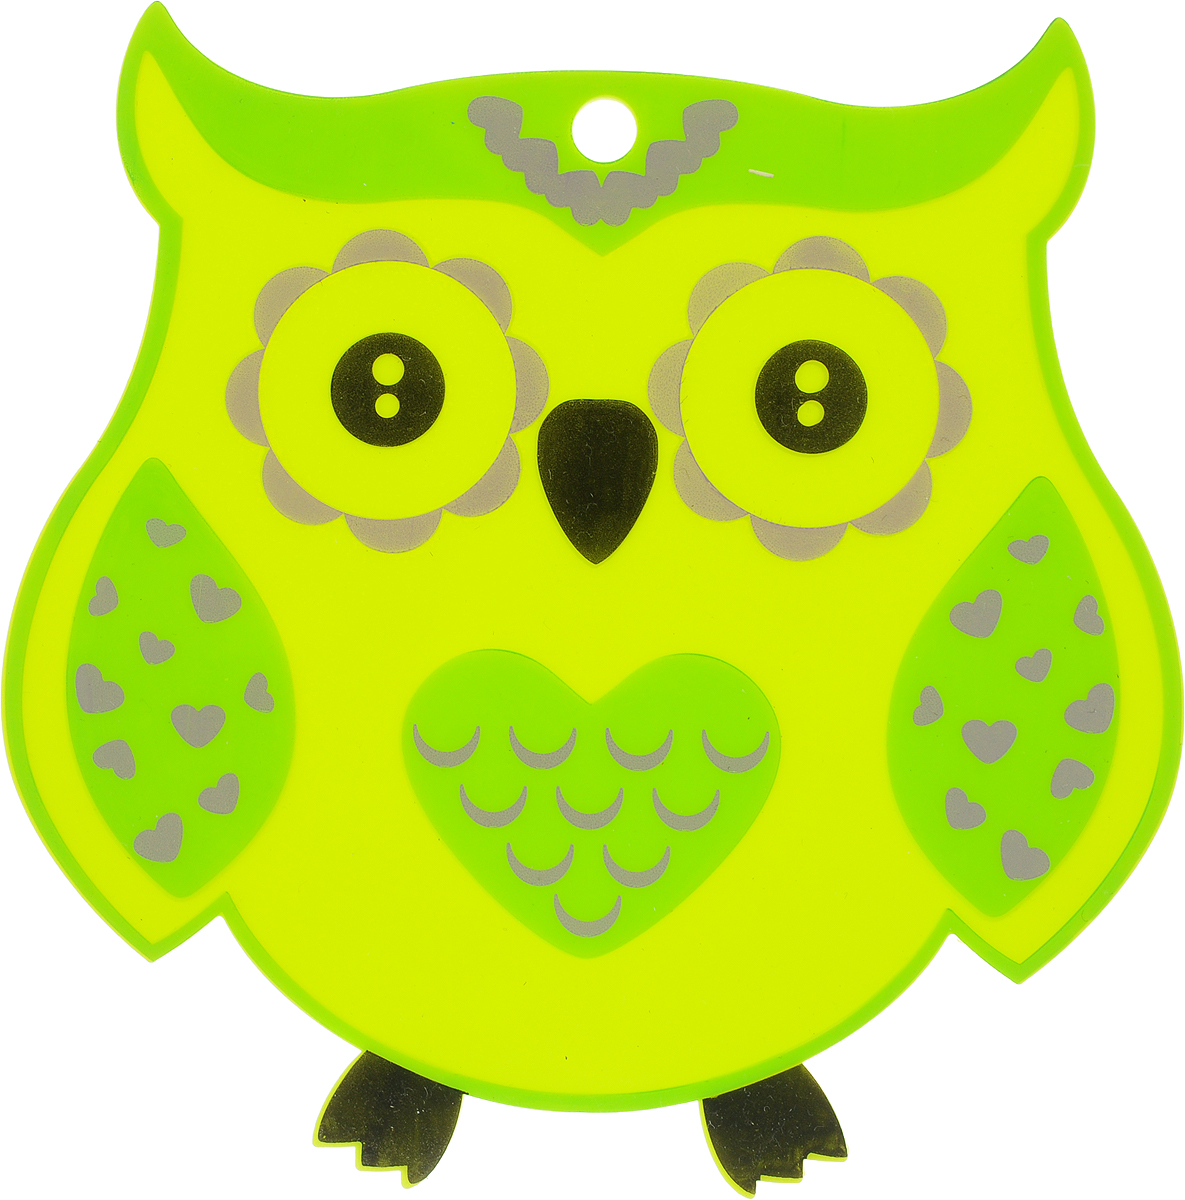 Подставка термостойкая Marmiton Сова, силиконовая, цвет: салатовый, 18,5 х 18,5 см17205_салатовыйТермостойкая подставка Marmiton выполнена из силикона и предназначена для защиты мебели от воздействия высоких температур. Также можно использовать в качестве прихватки. Материал устойчив к фруктовым кислотам, к воздействию низких и высоких температур. Не воздействует с продуктами питания и не впитывает запахи. Обладает естественным антипригарным свойством. Можно мыть и сушить в посудомоечной машине.